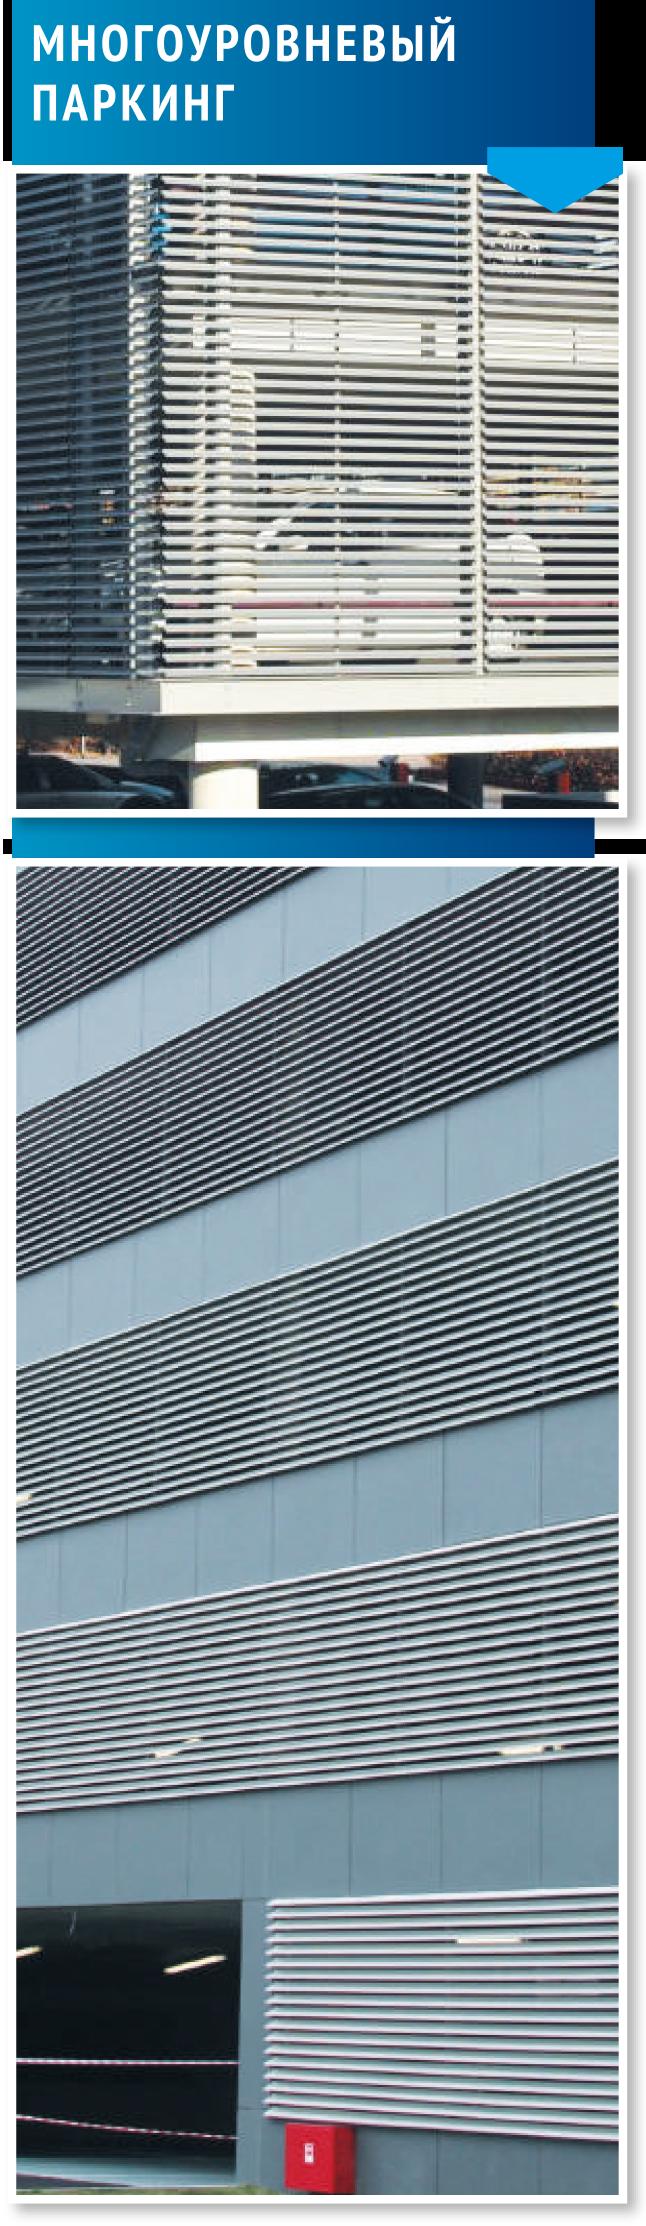 Фасадные жалюзийные системы для многоуровневых паркингов